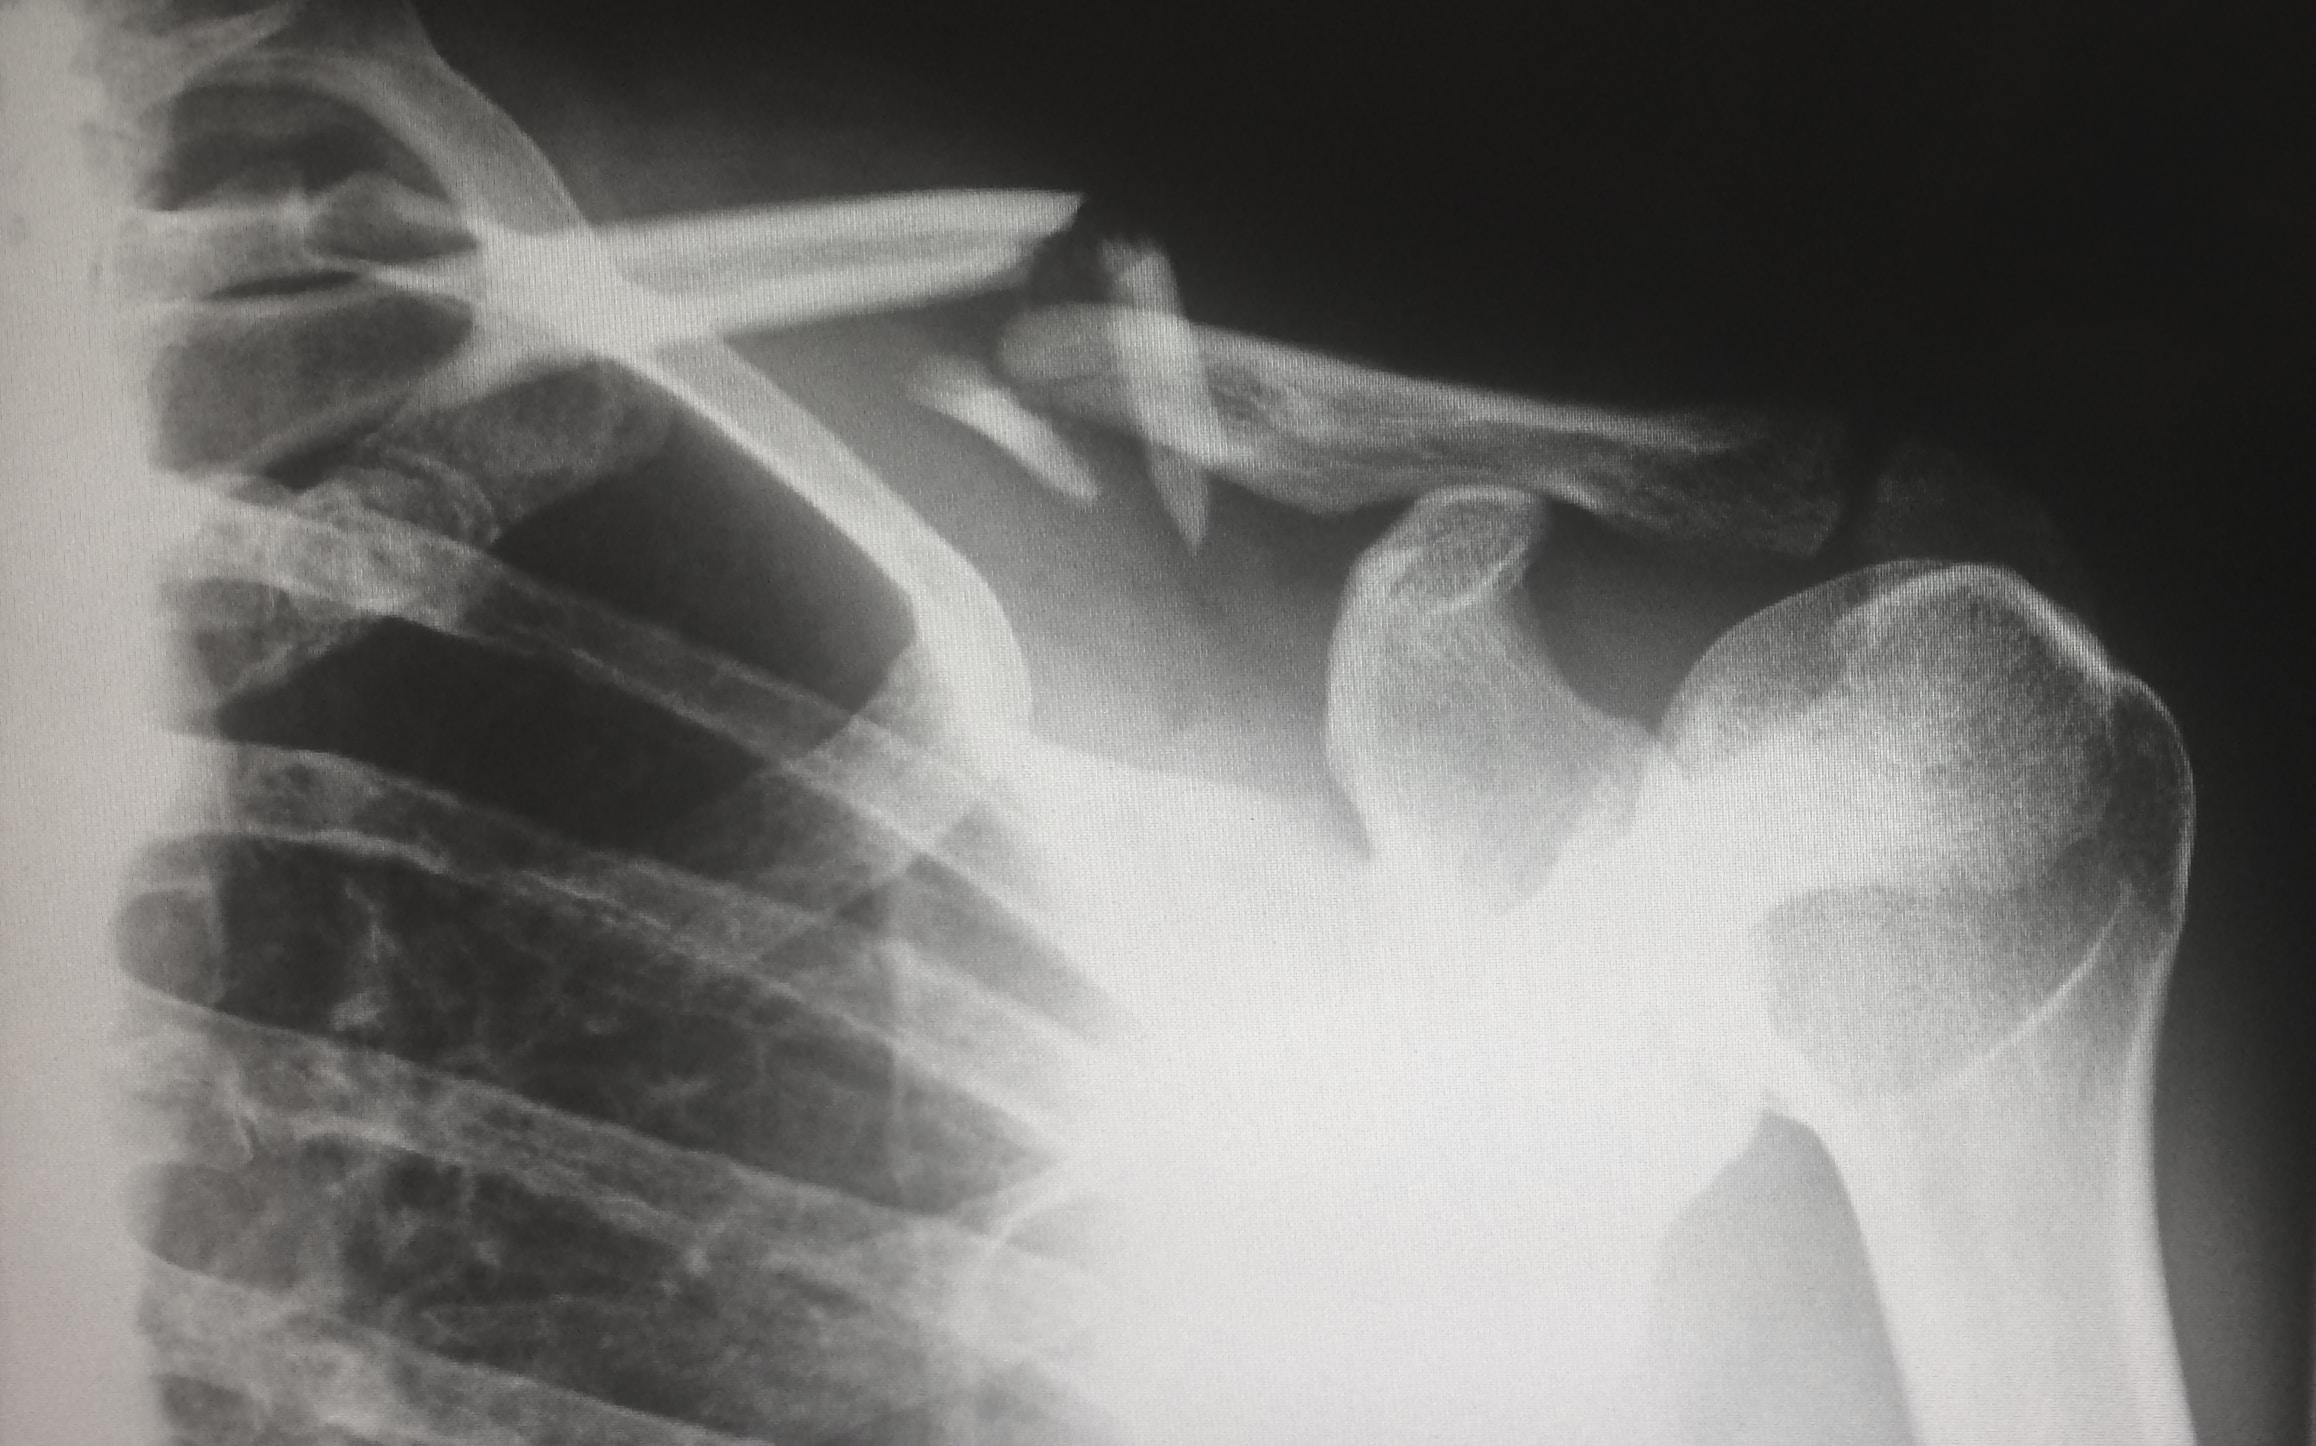 Workers' Compensation Benefits for Broken Bones